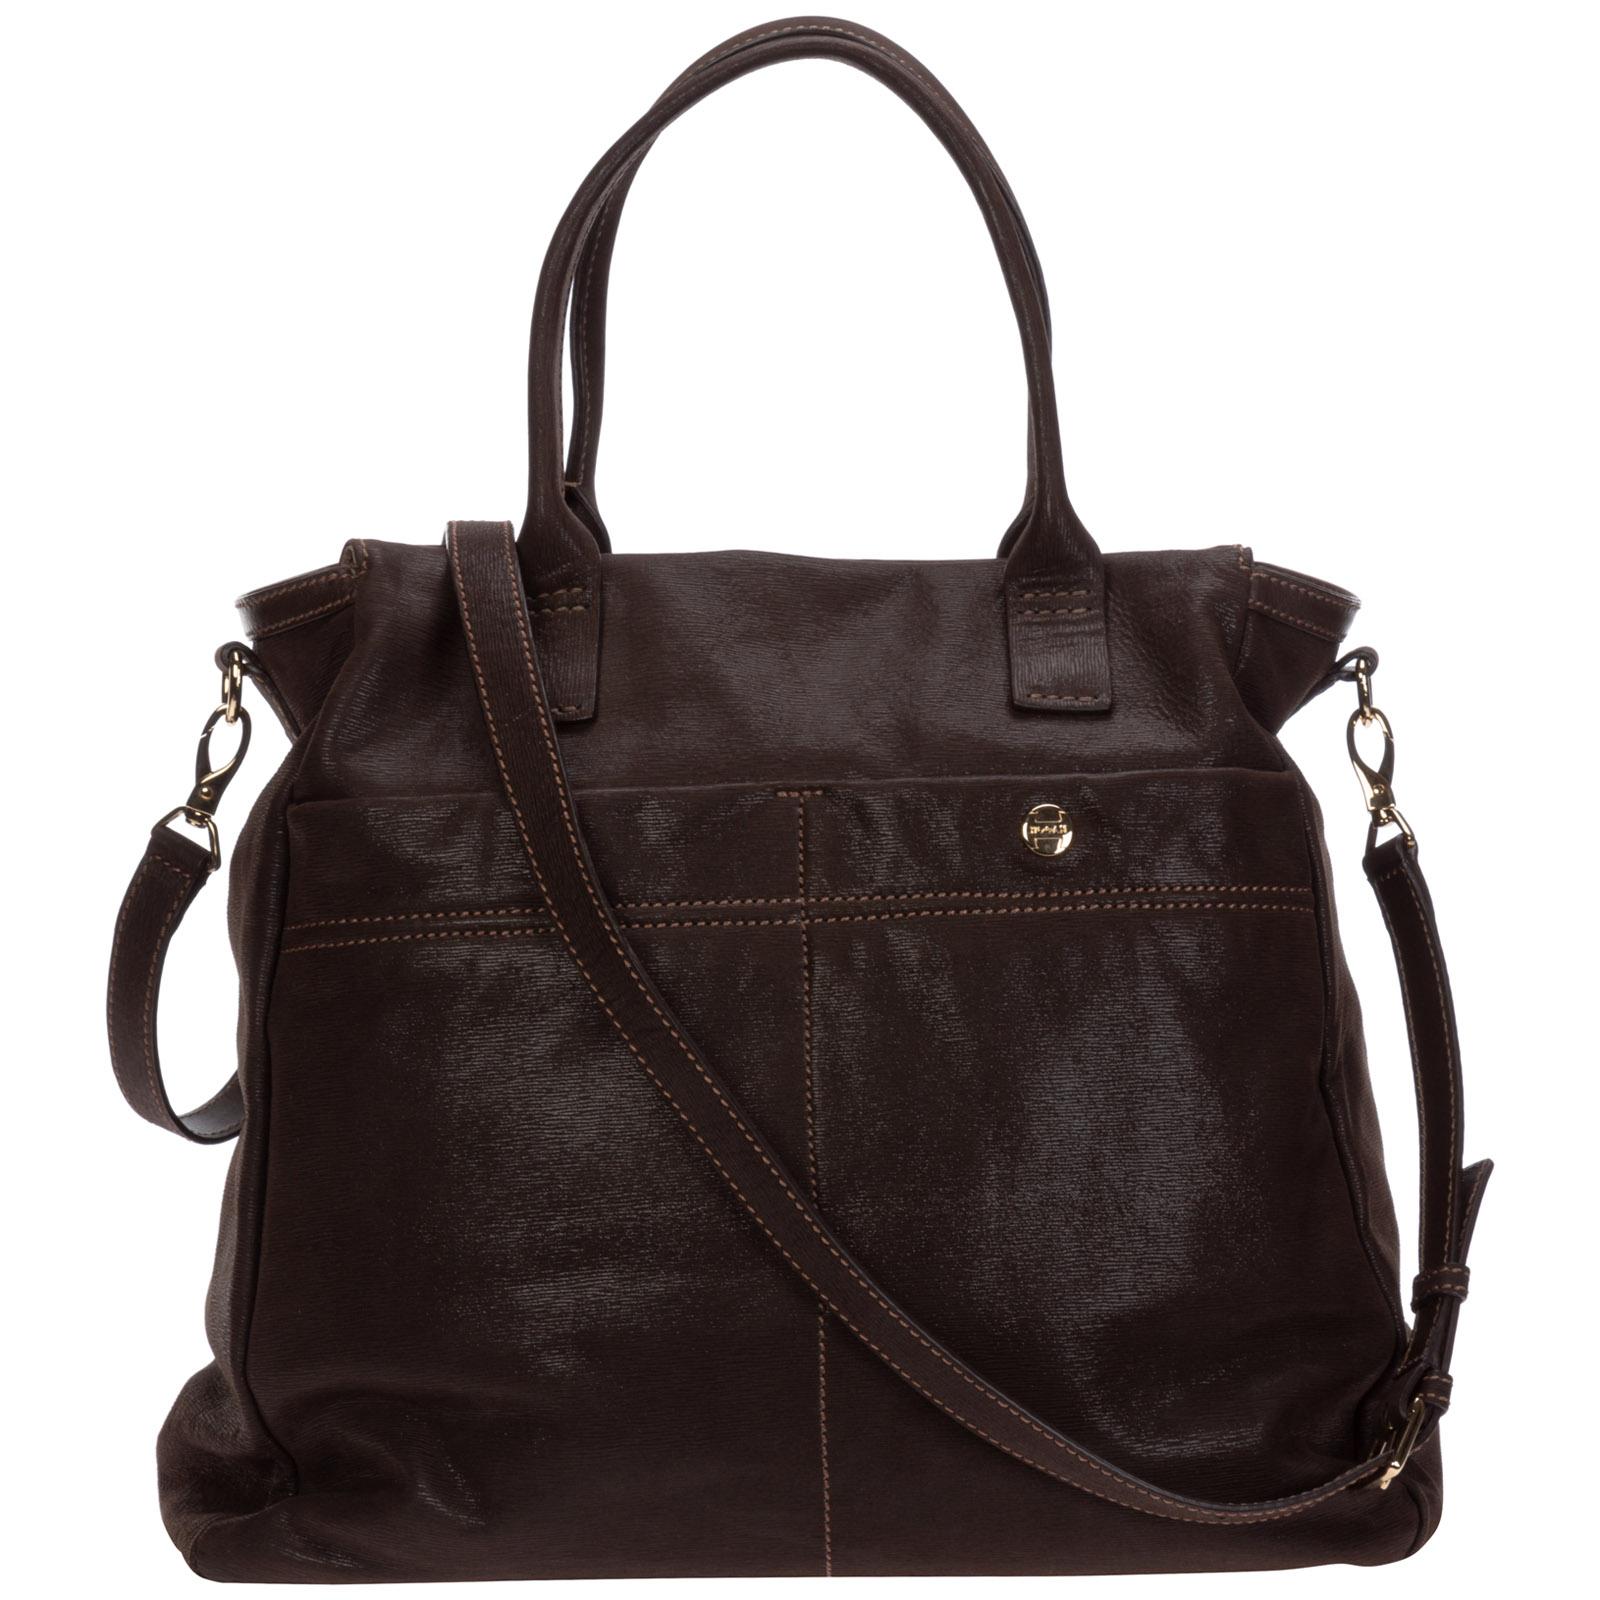 Women's handbag cross-body messenger bag purse